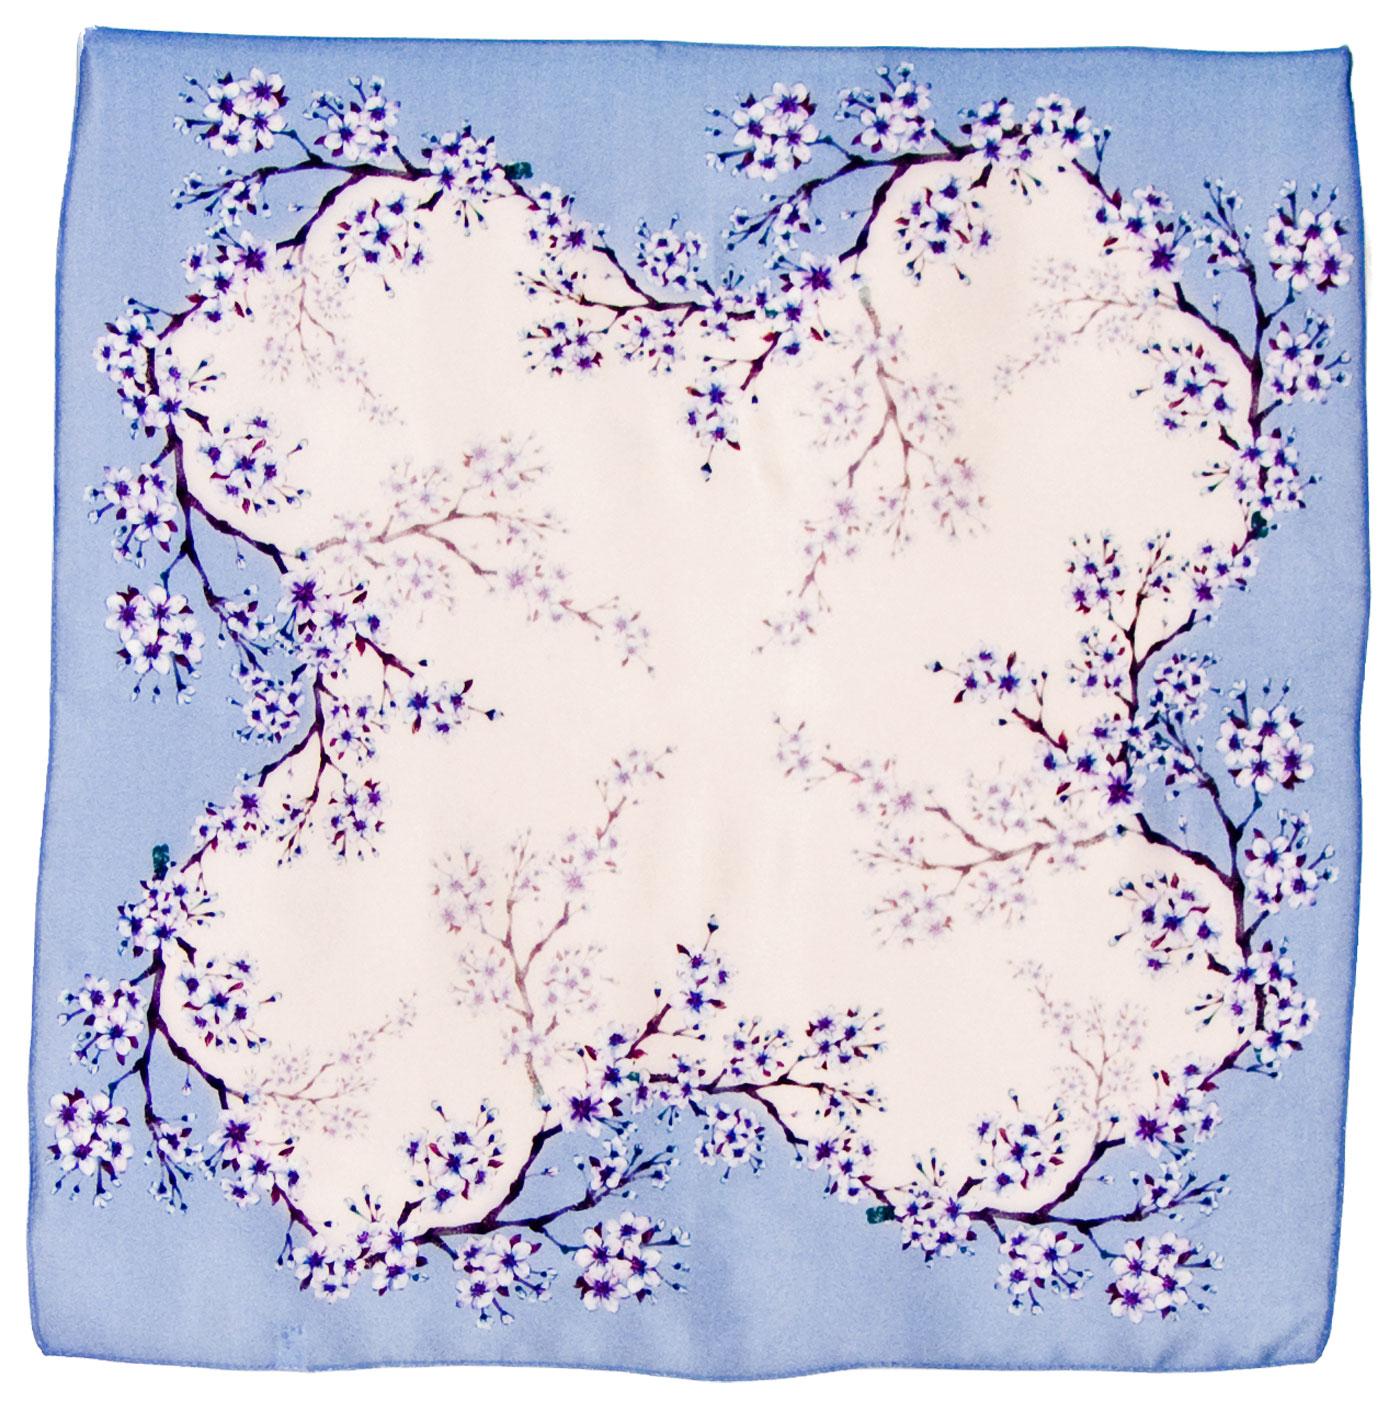 Foulard en soie carré bleu fleurettes 50 x 50 cm